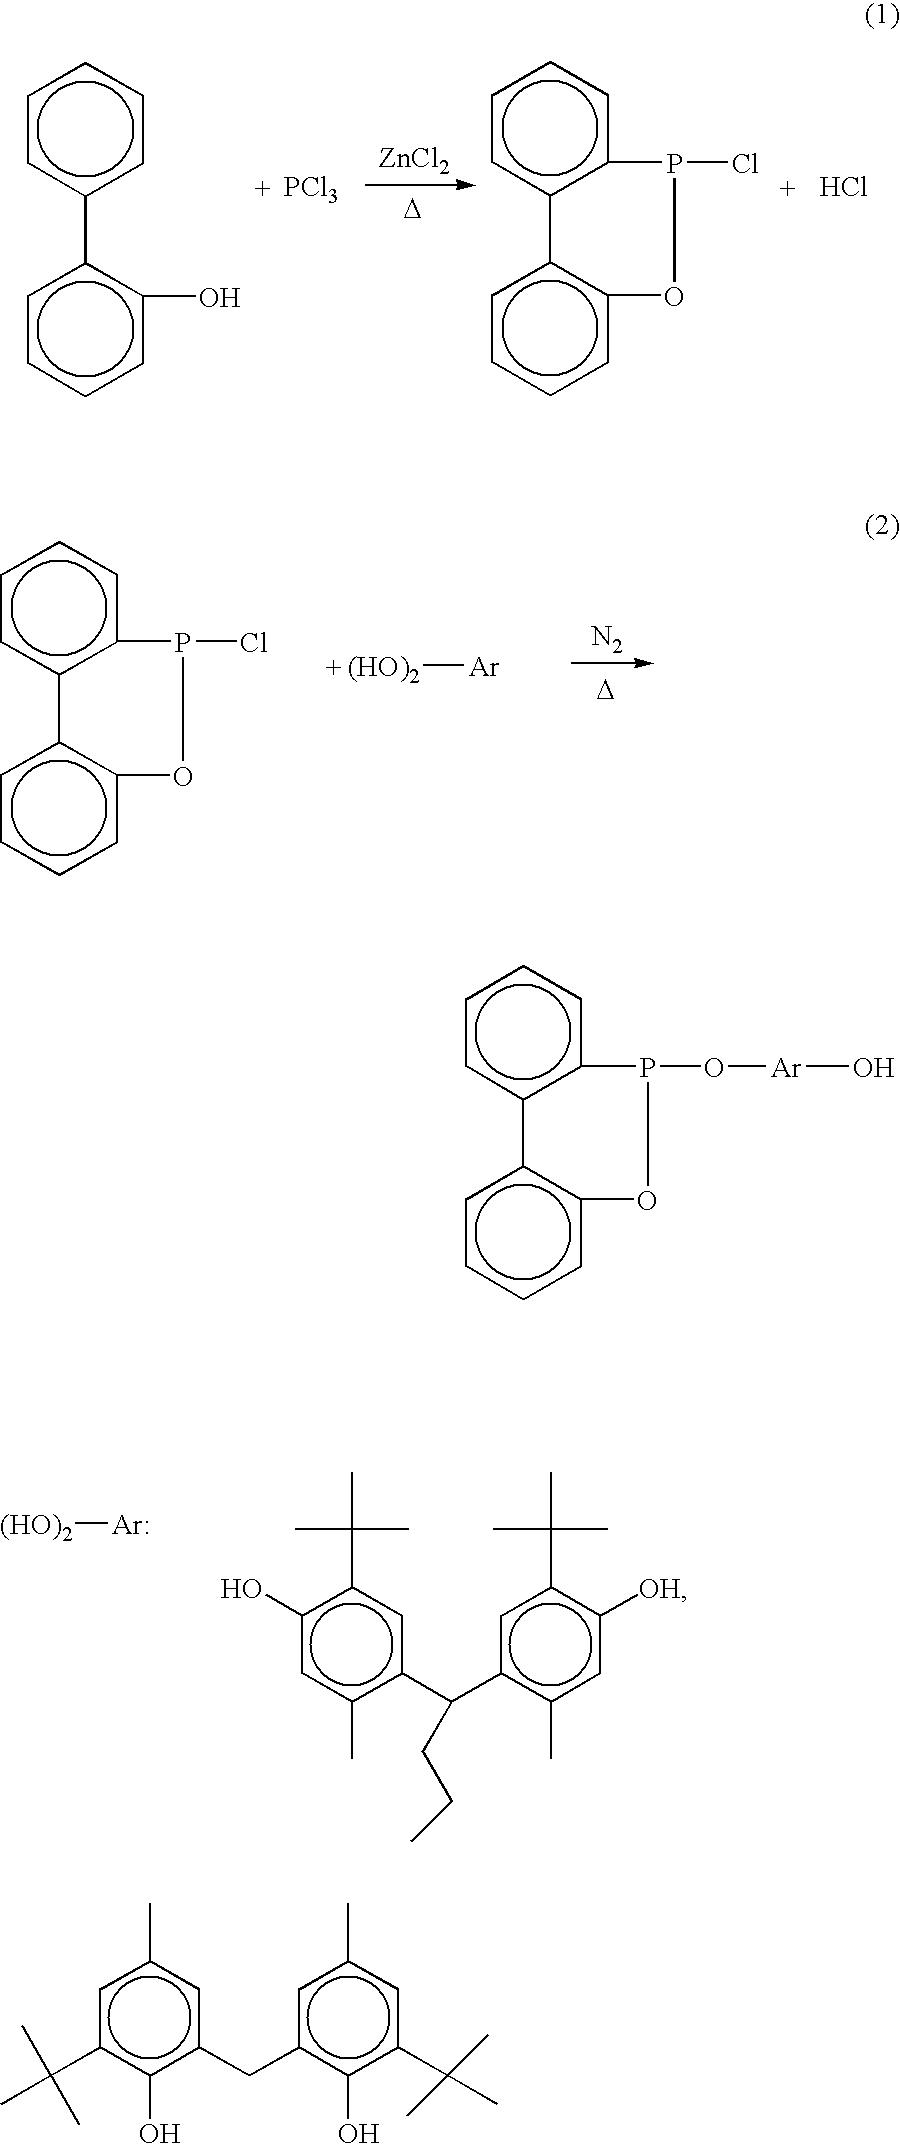 Figure US20050184277A1-20050825-C00009